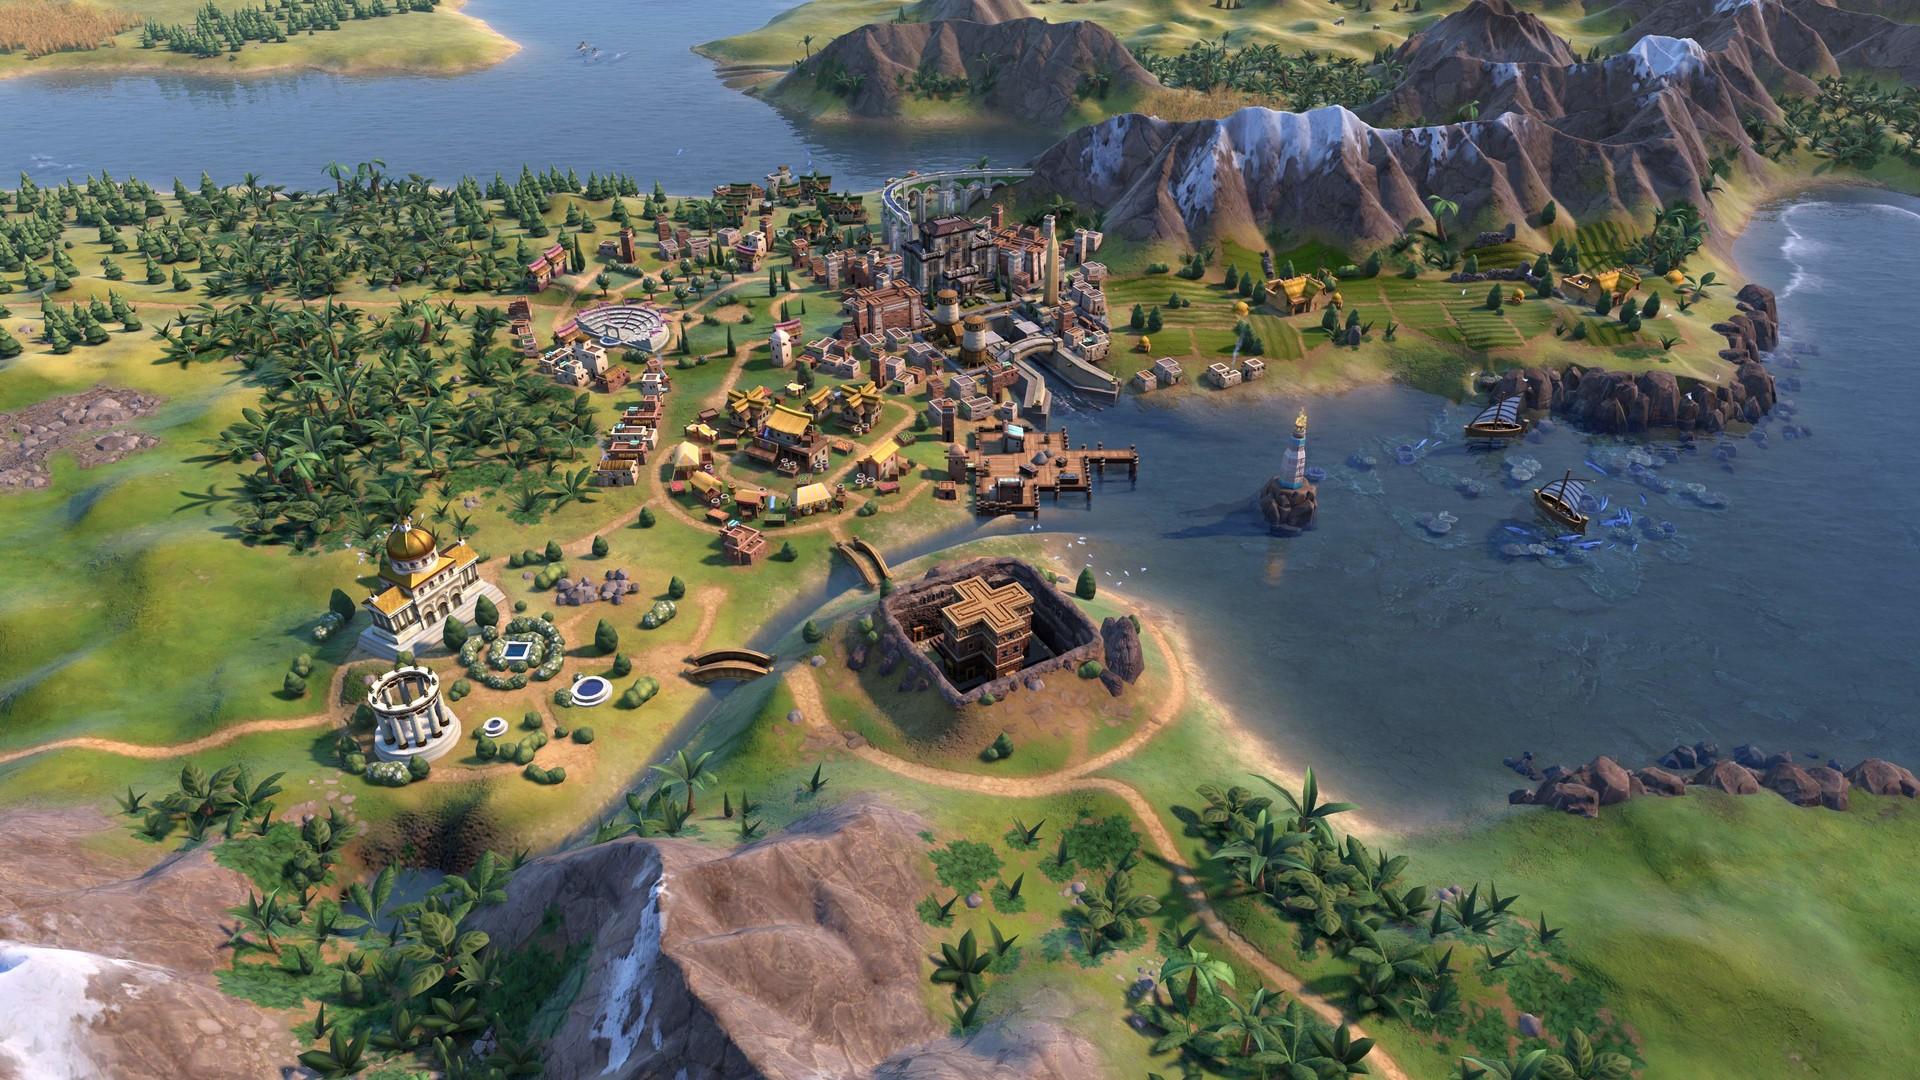 civilization-6-pc-screenshot-01